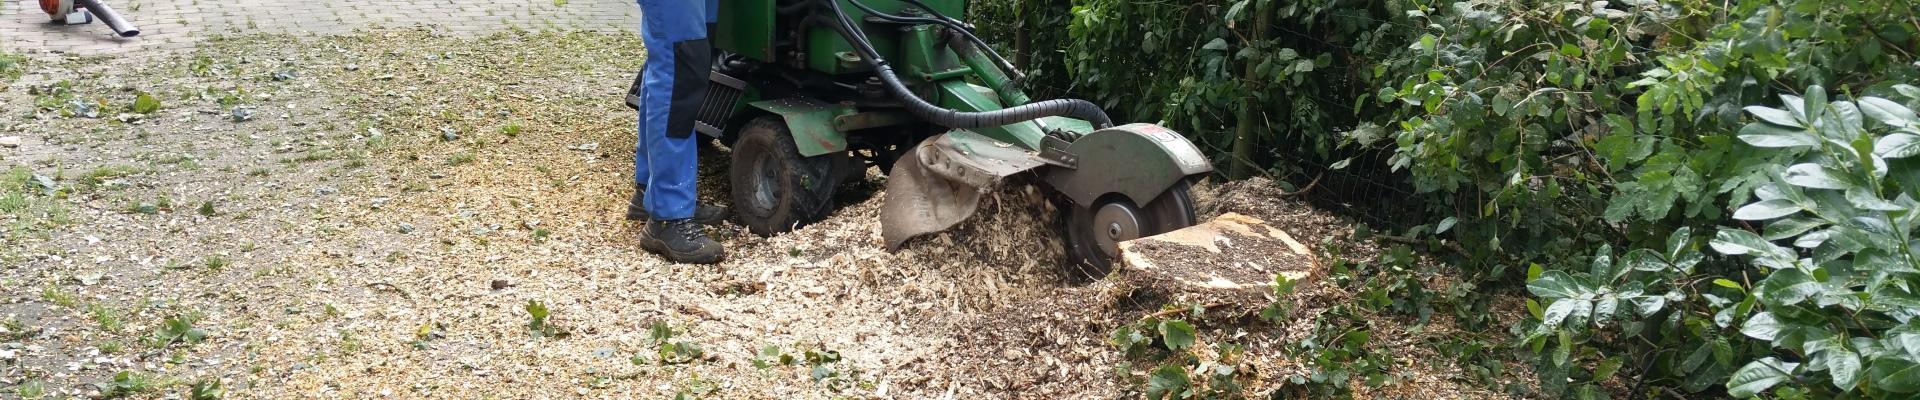 boomkap boomkapbedrijf groningen de winter